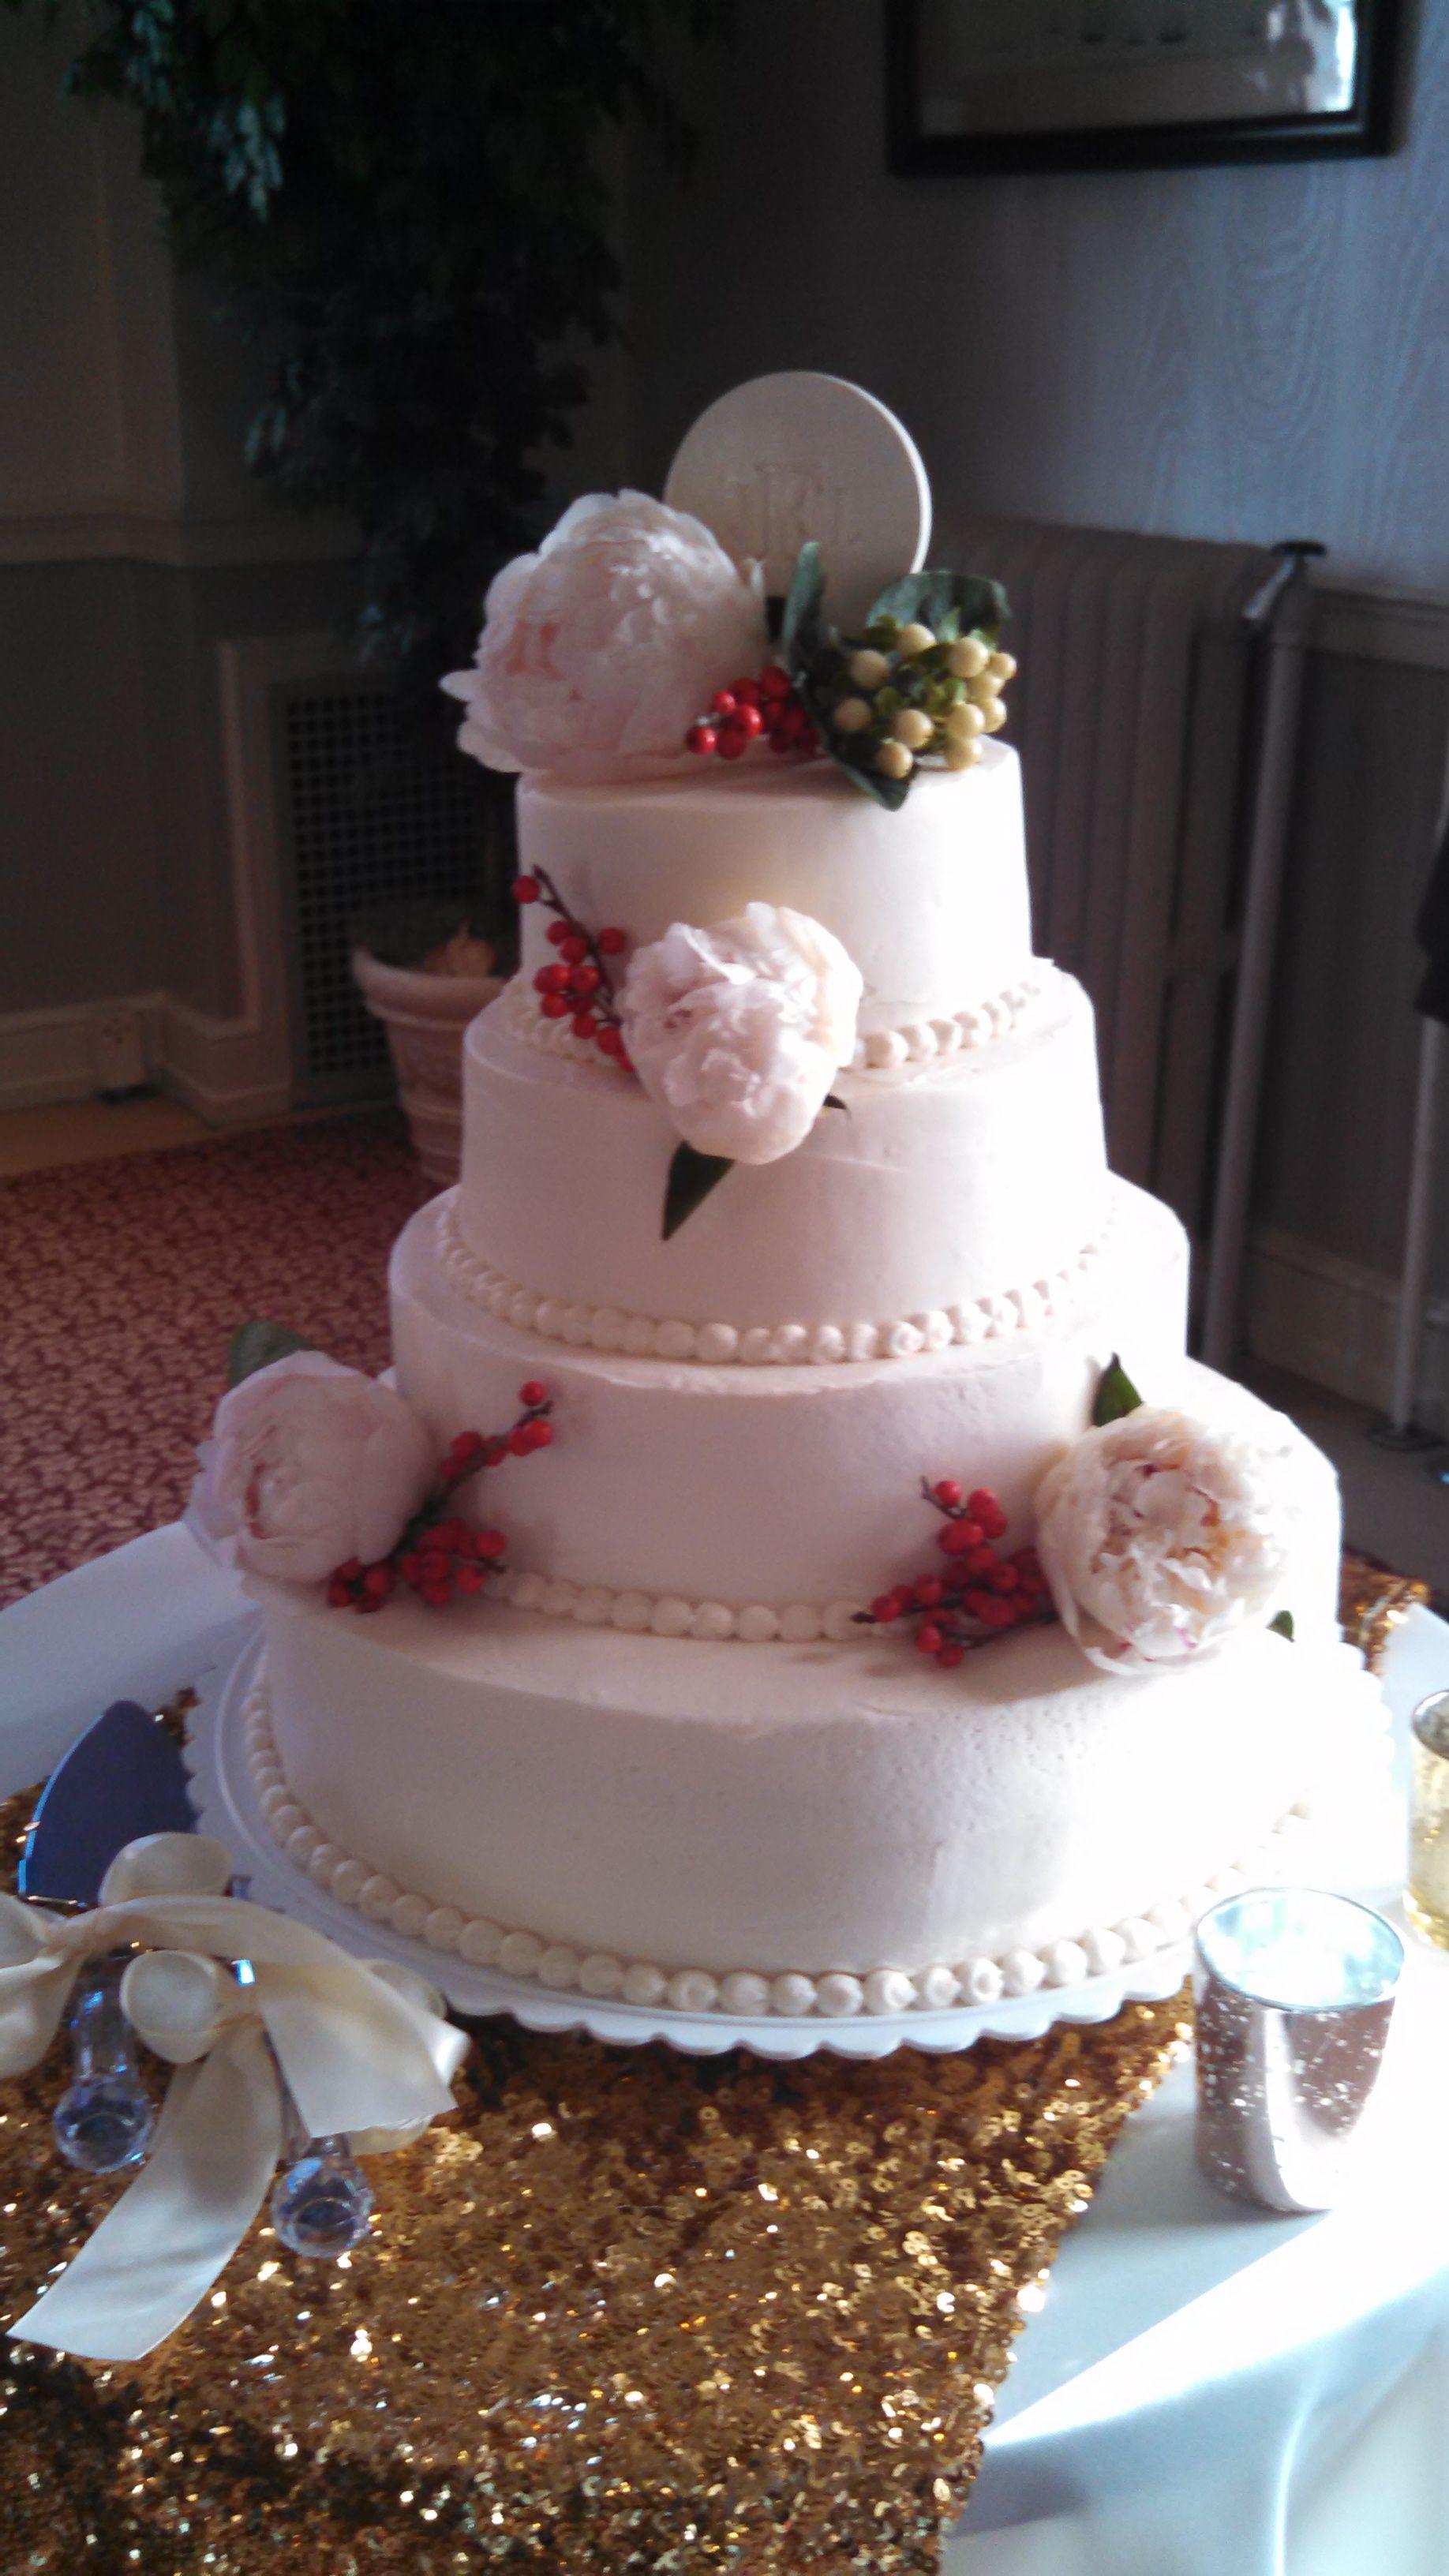 Gf wedding cake wedding cake gluten free cake